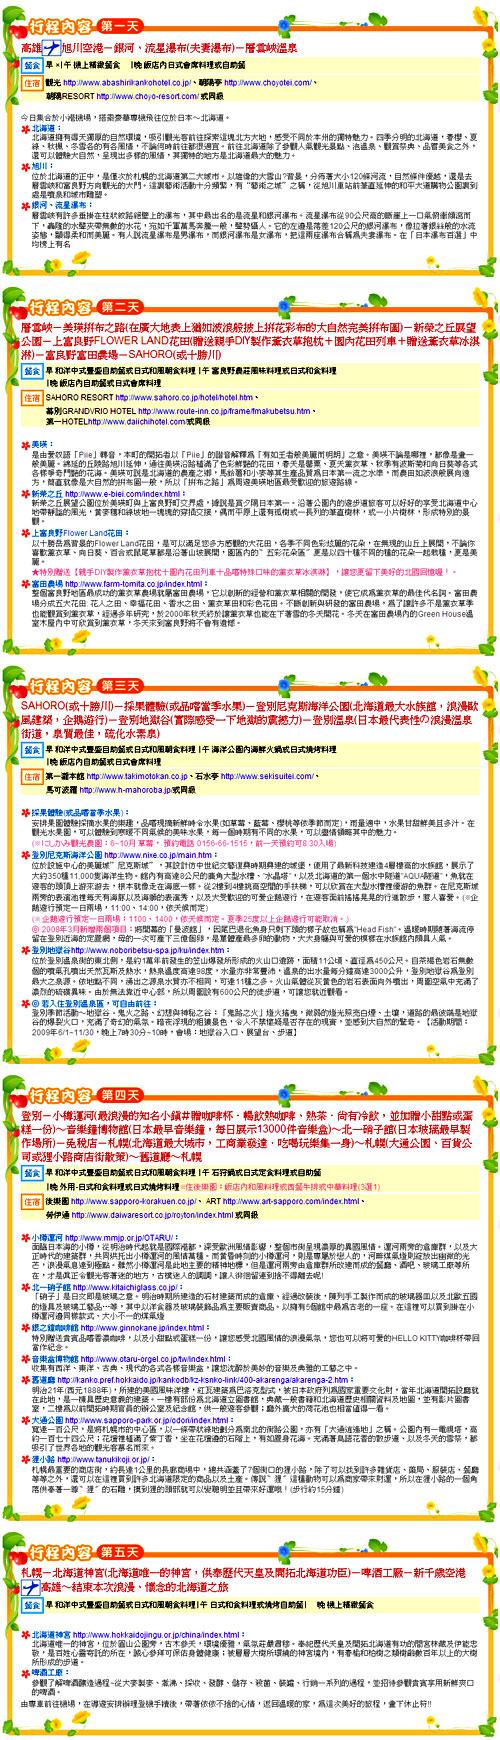 日本行程1.jpg